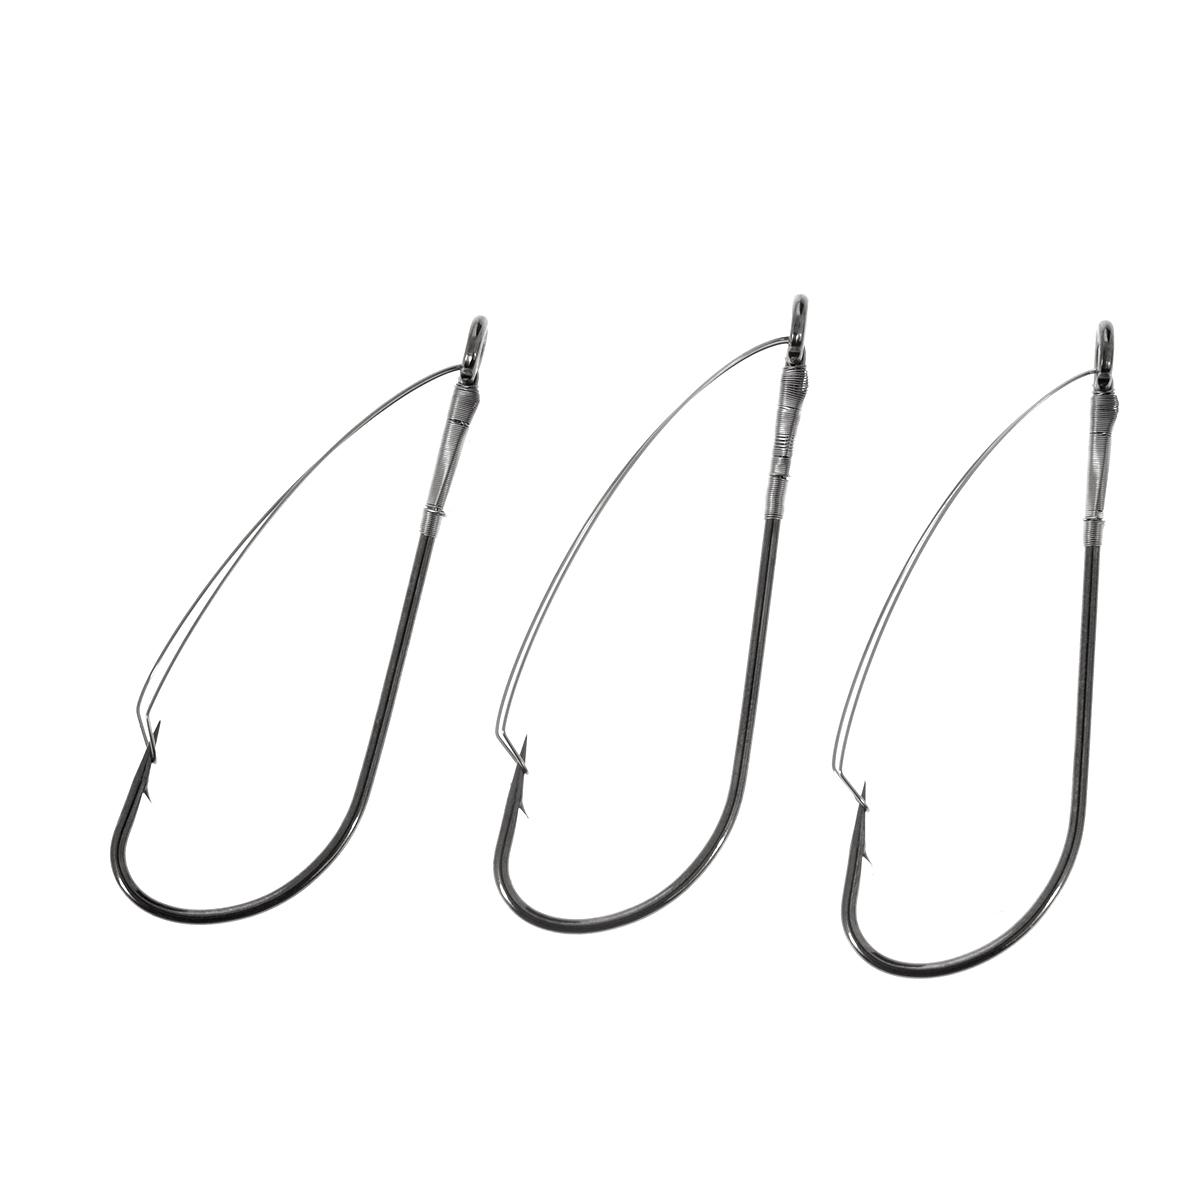 Крючки рыболовные Cobra Weedless, цвет: черный, размер 3/0, 3 штC075NSB-K030Cobra Weedless - серия крючков c проволочной защитой. Идеальный вариант для ловли крупной рыбы в местах, где возможны частые зацепы и потеря приманок – коряжнике, среди водорослей и камней. Широко используются для оснащения блесен, снасточек, пластиковых и других приманок.